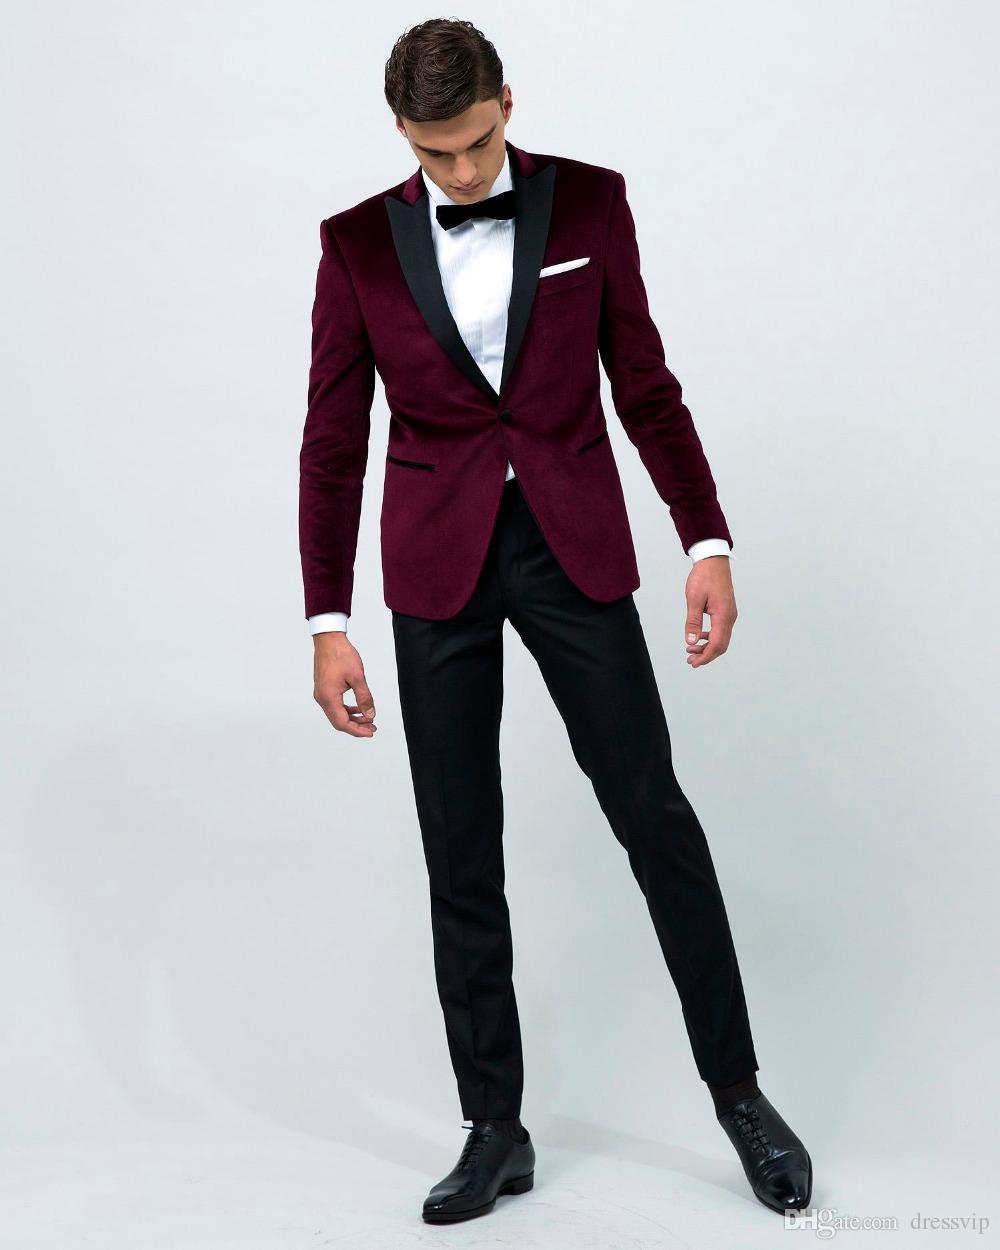 großhandel 2018 herren anzüge große größe smoking burgundy custom made zwei  stücke günstige hochzeit anzüge für männer blazer neue ankunft herren